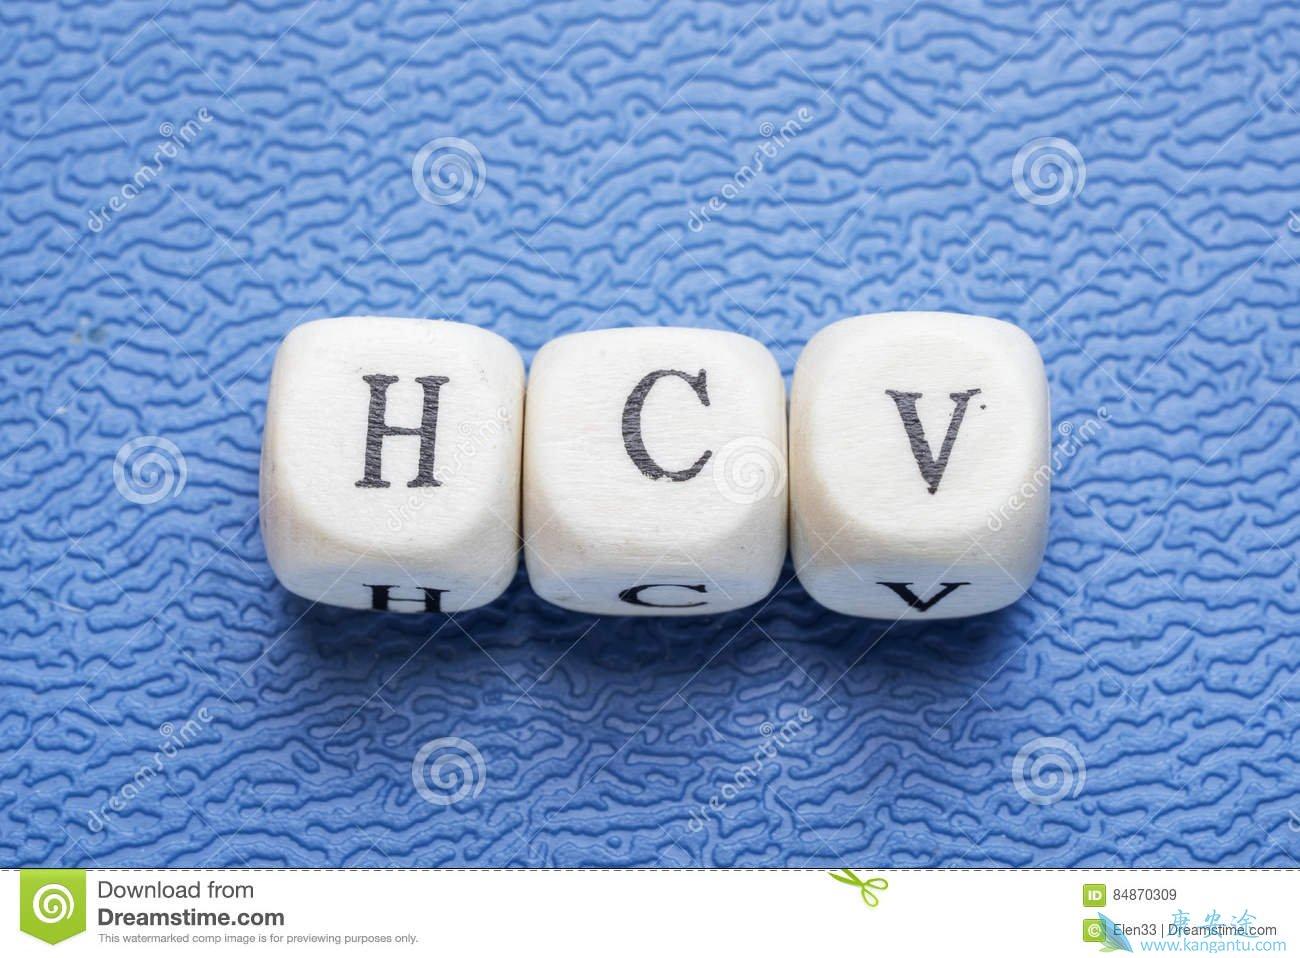 慢性丙肝的治疗方法